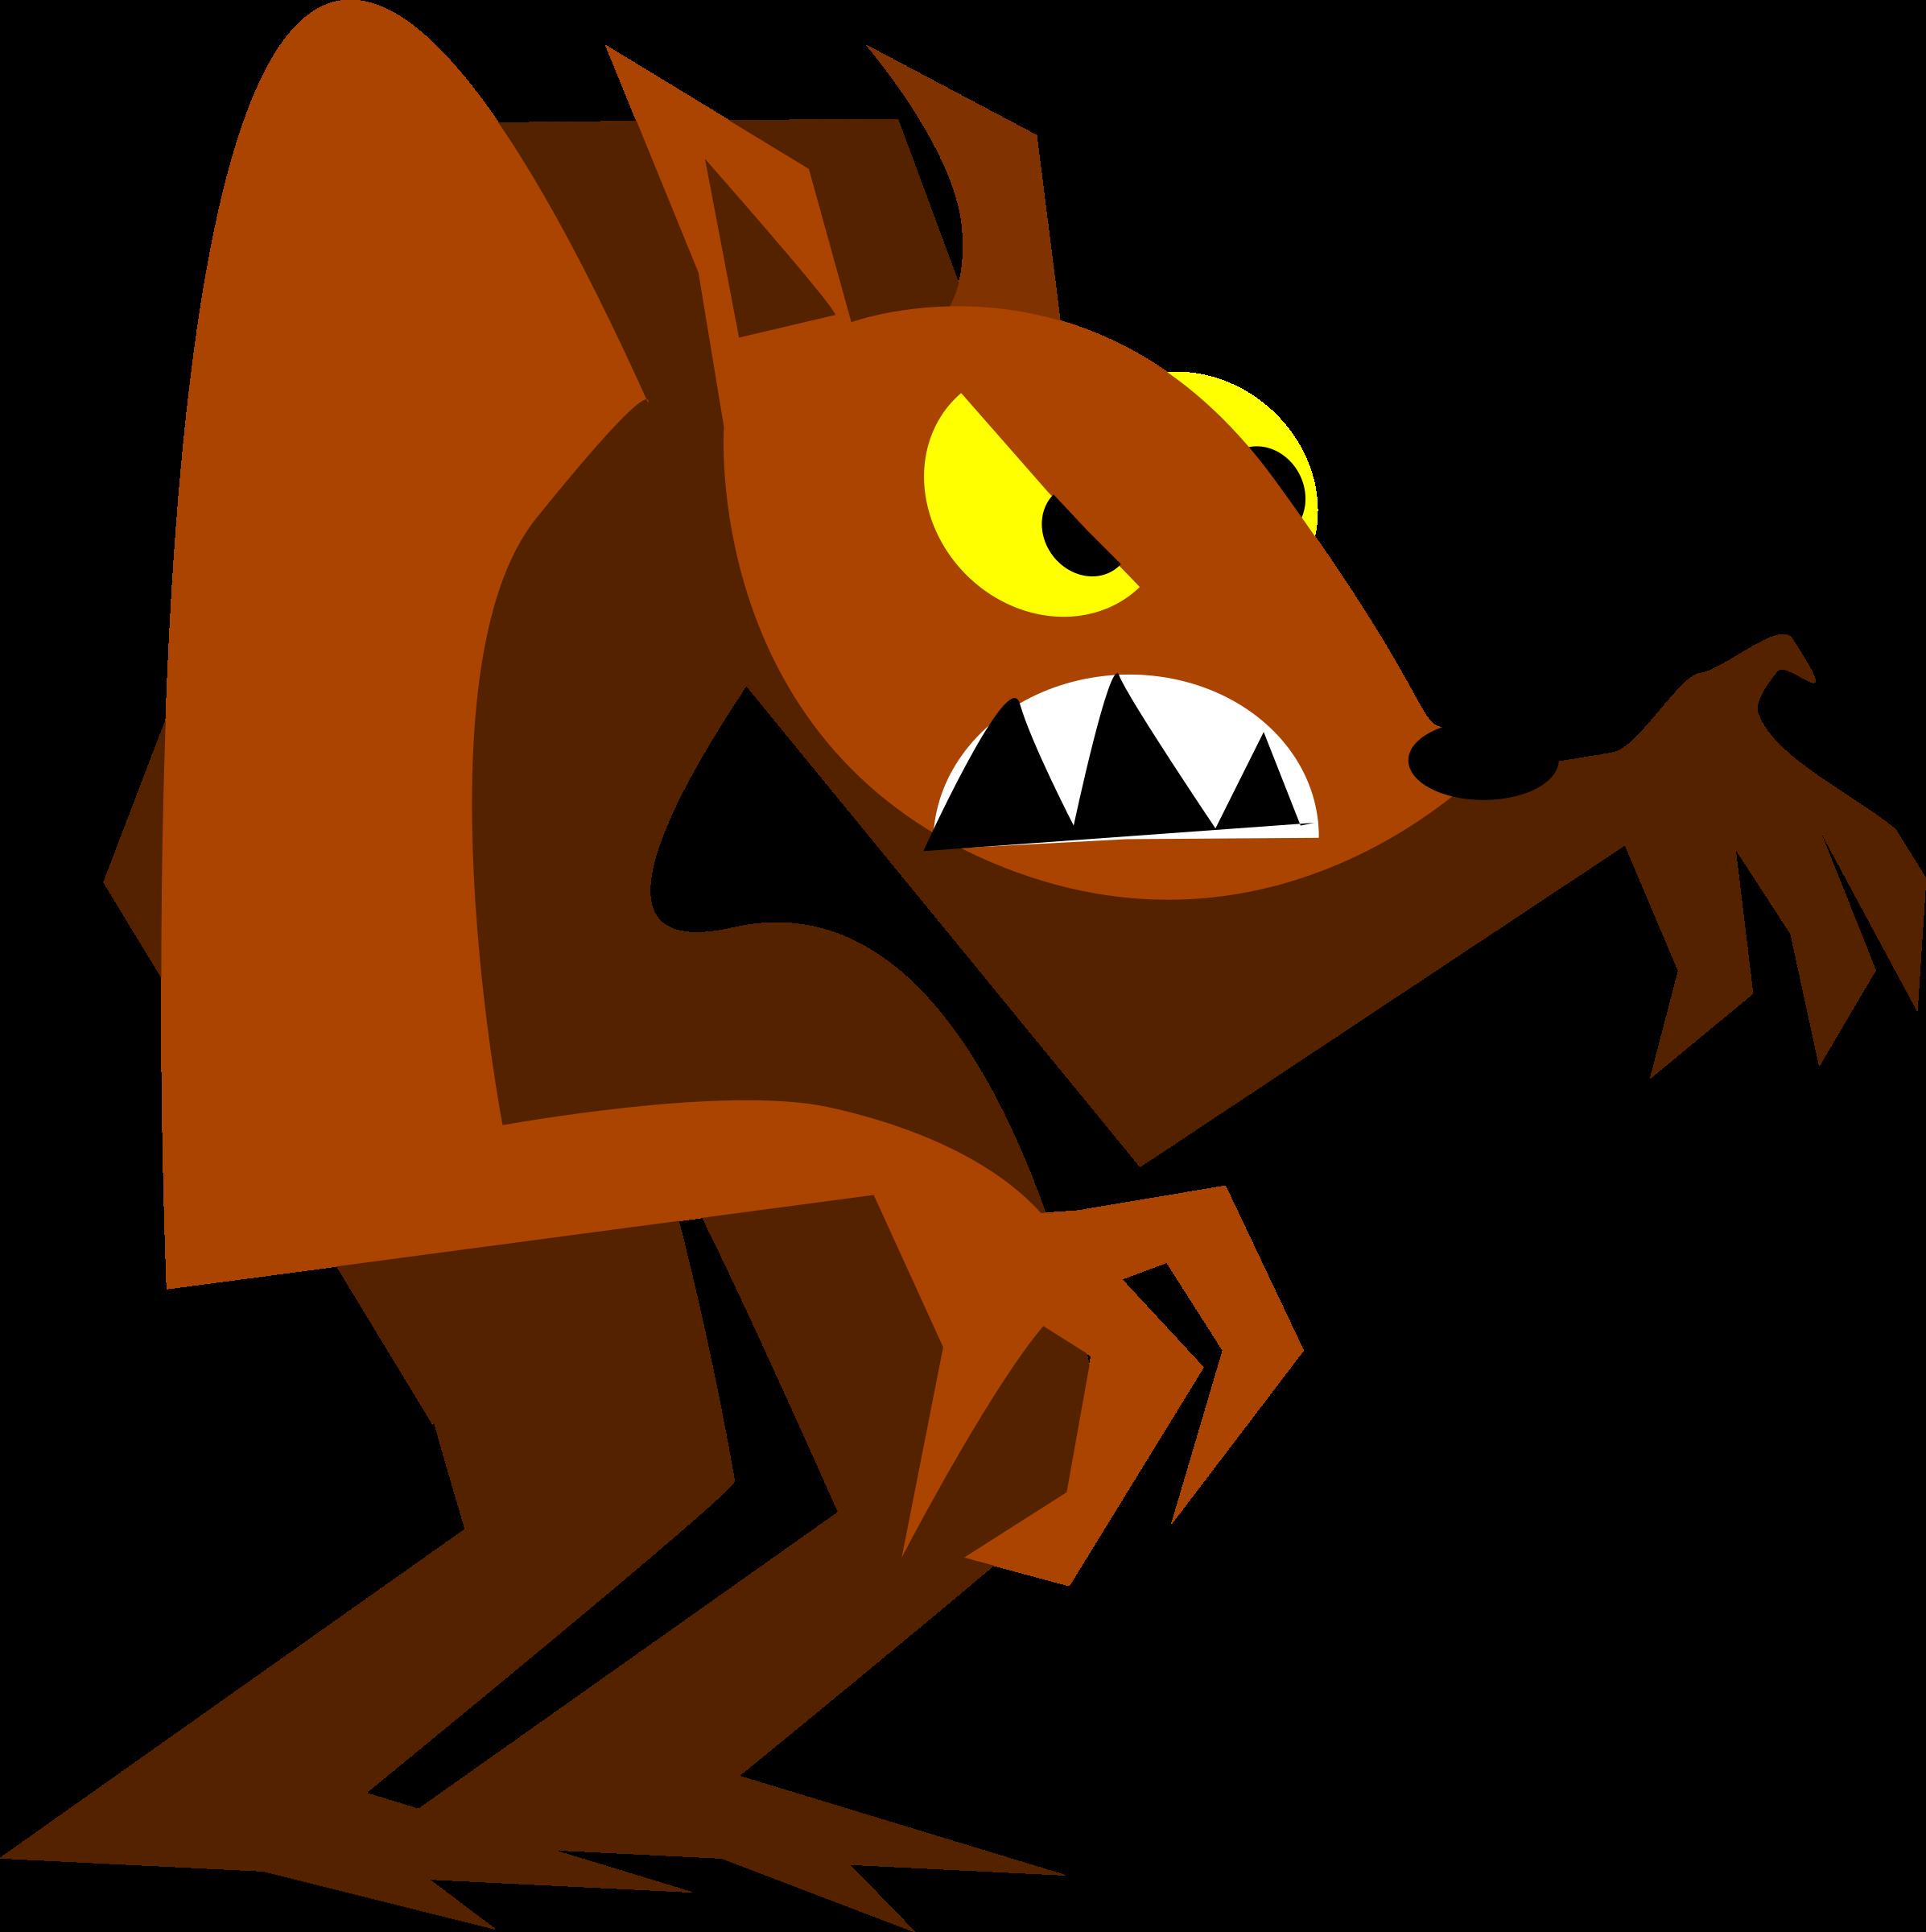 Halloween werewolf clipart banner freeuse library Clipart - werewolf banner freeuse library